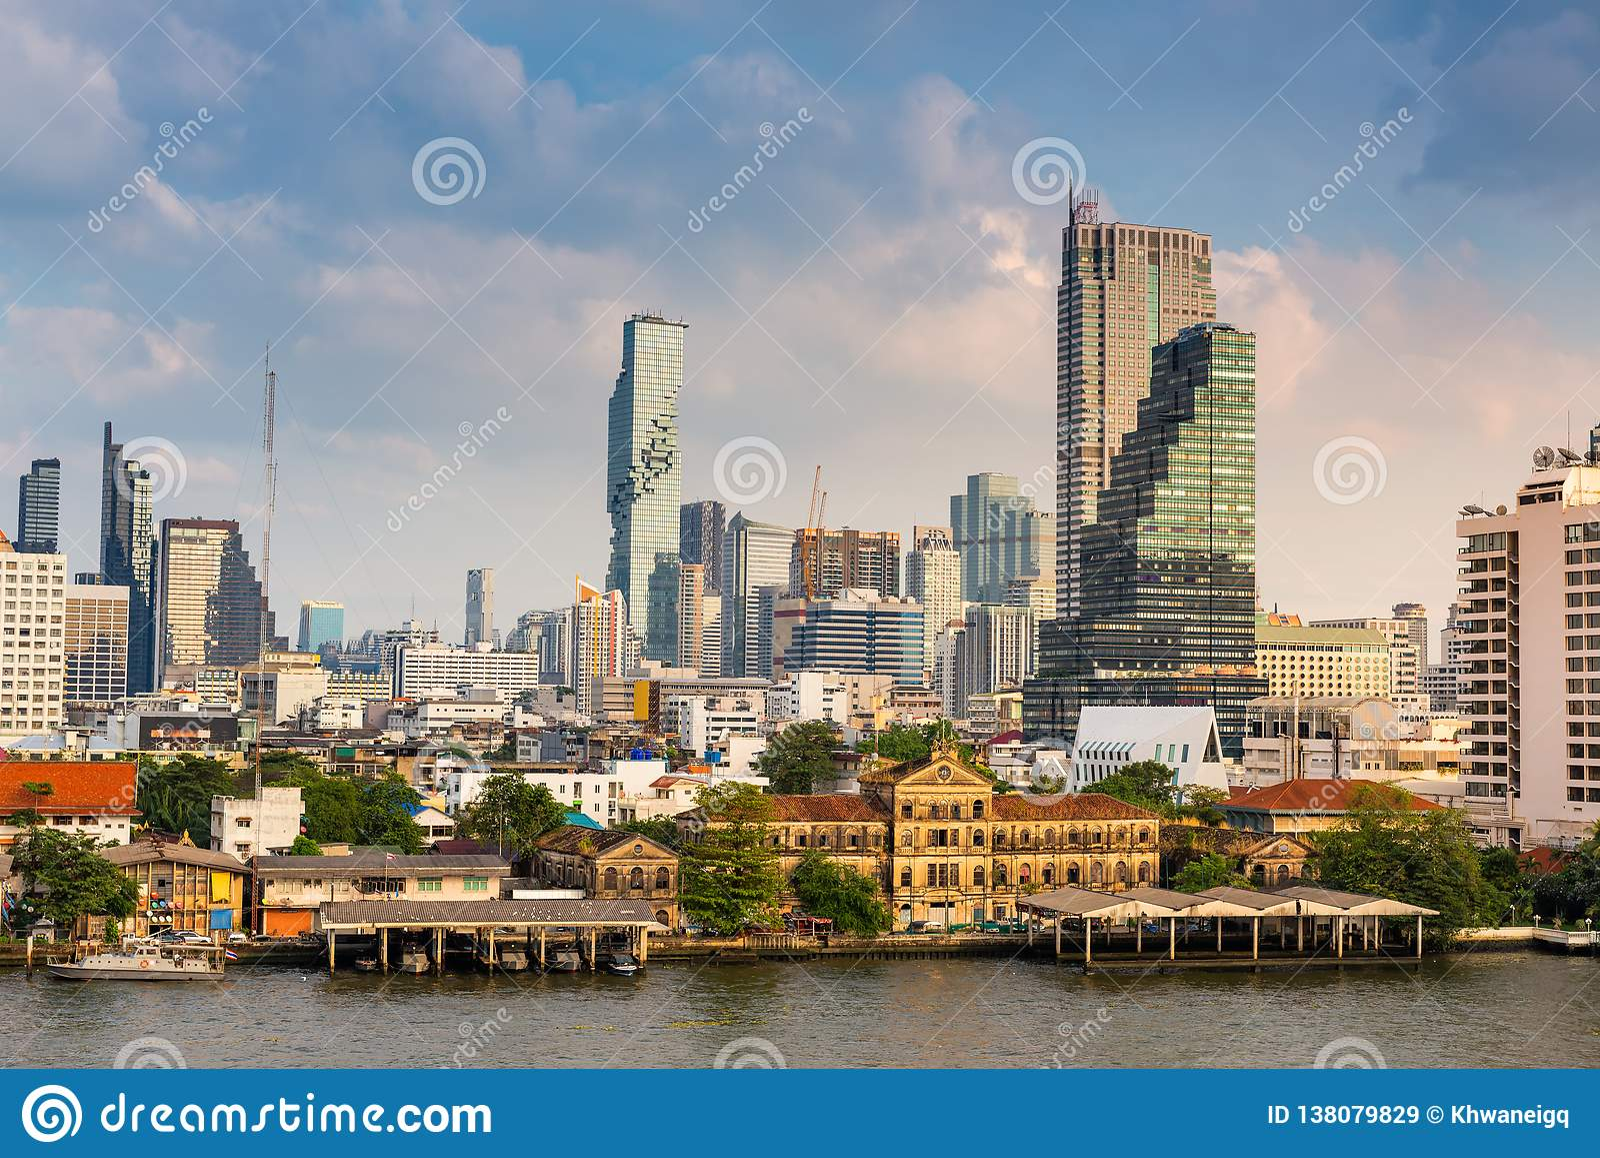 Stadtbild von Bangkok-Stadt und Wolkenkratzergebäude von Thailand , Landschaft des Geschäfts und Finanzzentrum von Thailand ,